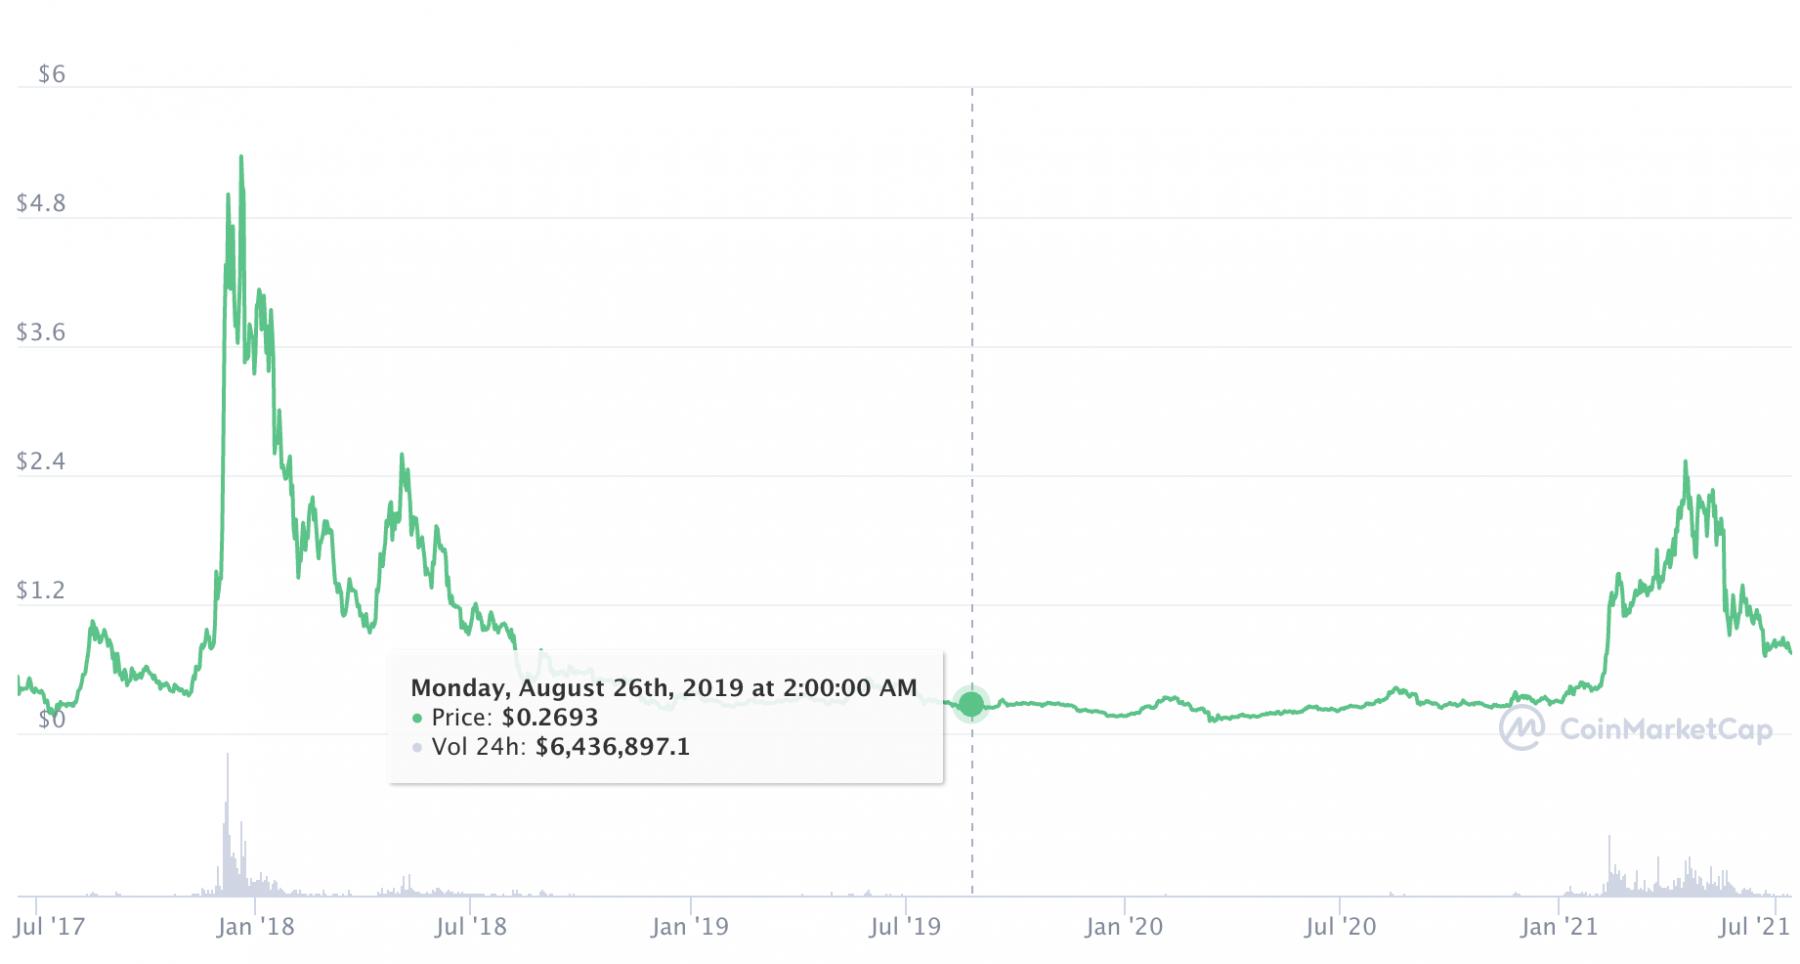 IOTA aktuell bei unter einem US-Dollar